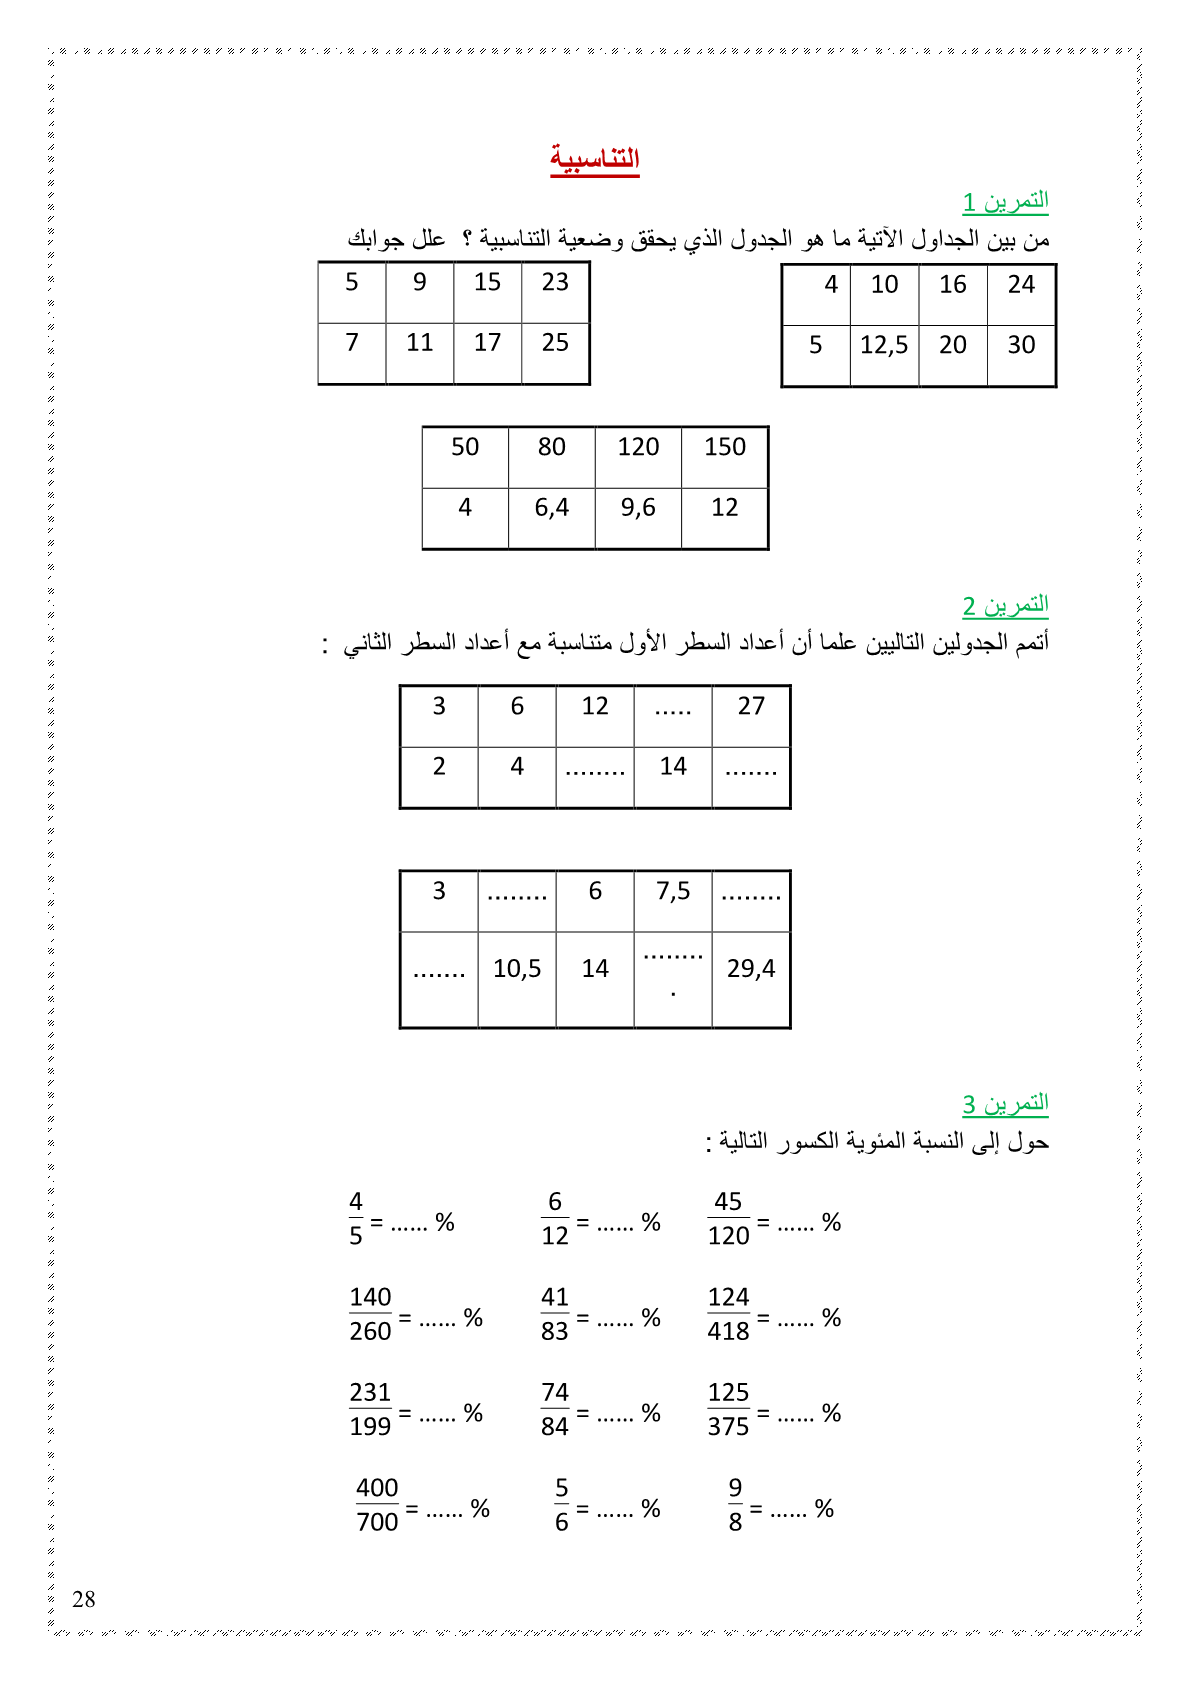 تمارين التناسبية مادة الرياضيات للسنة الاولى اعدادي مع التصحيح